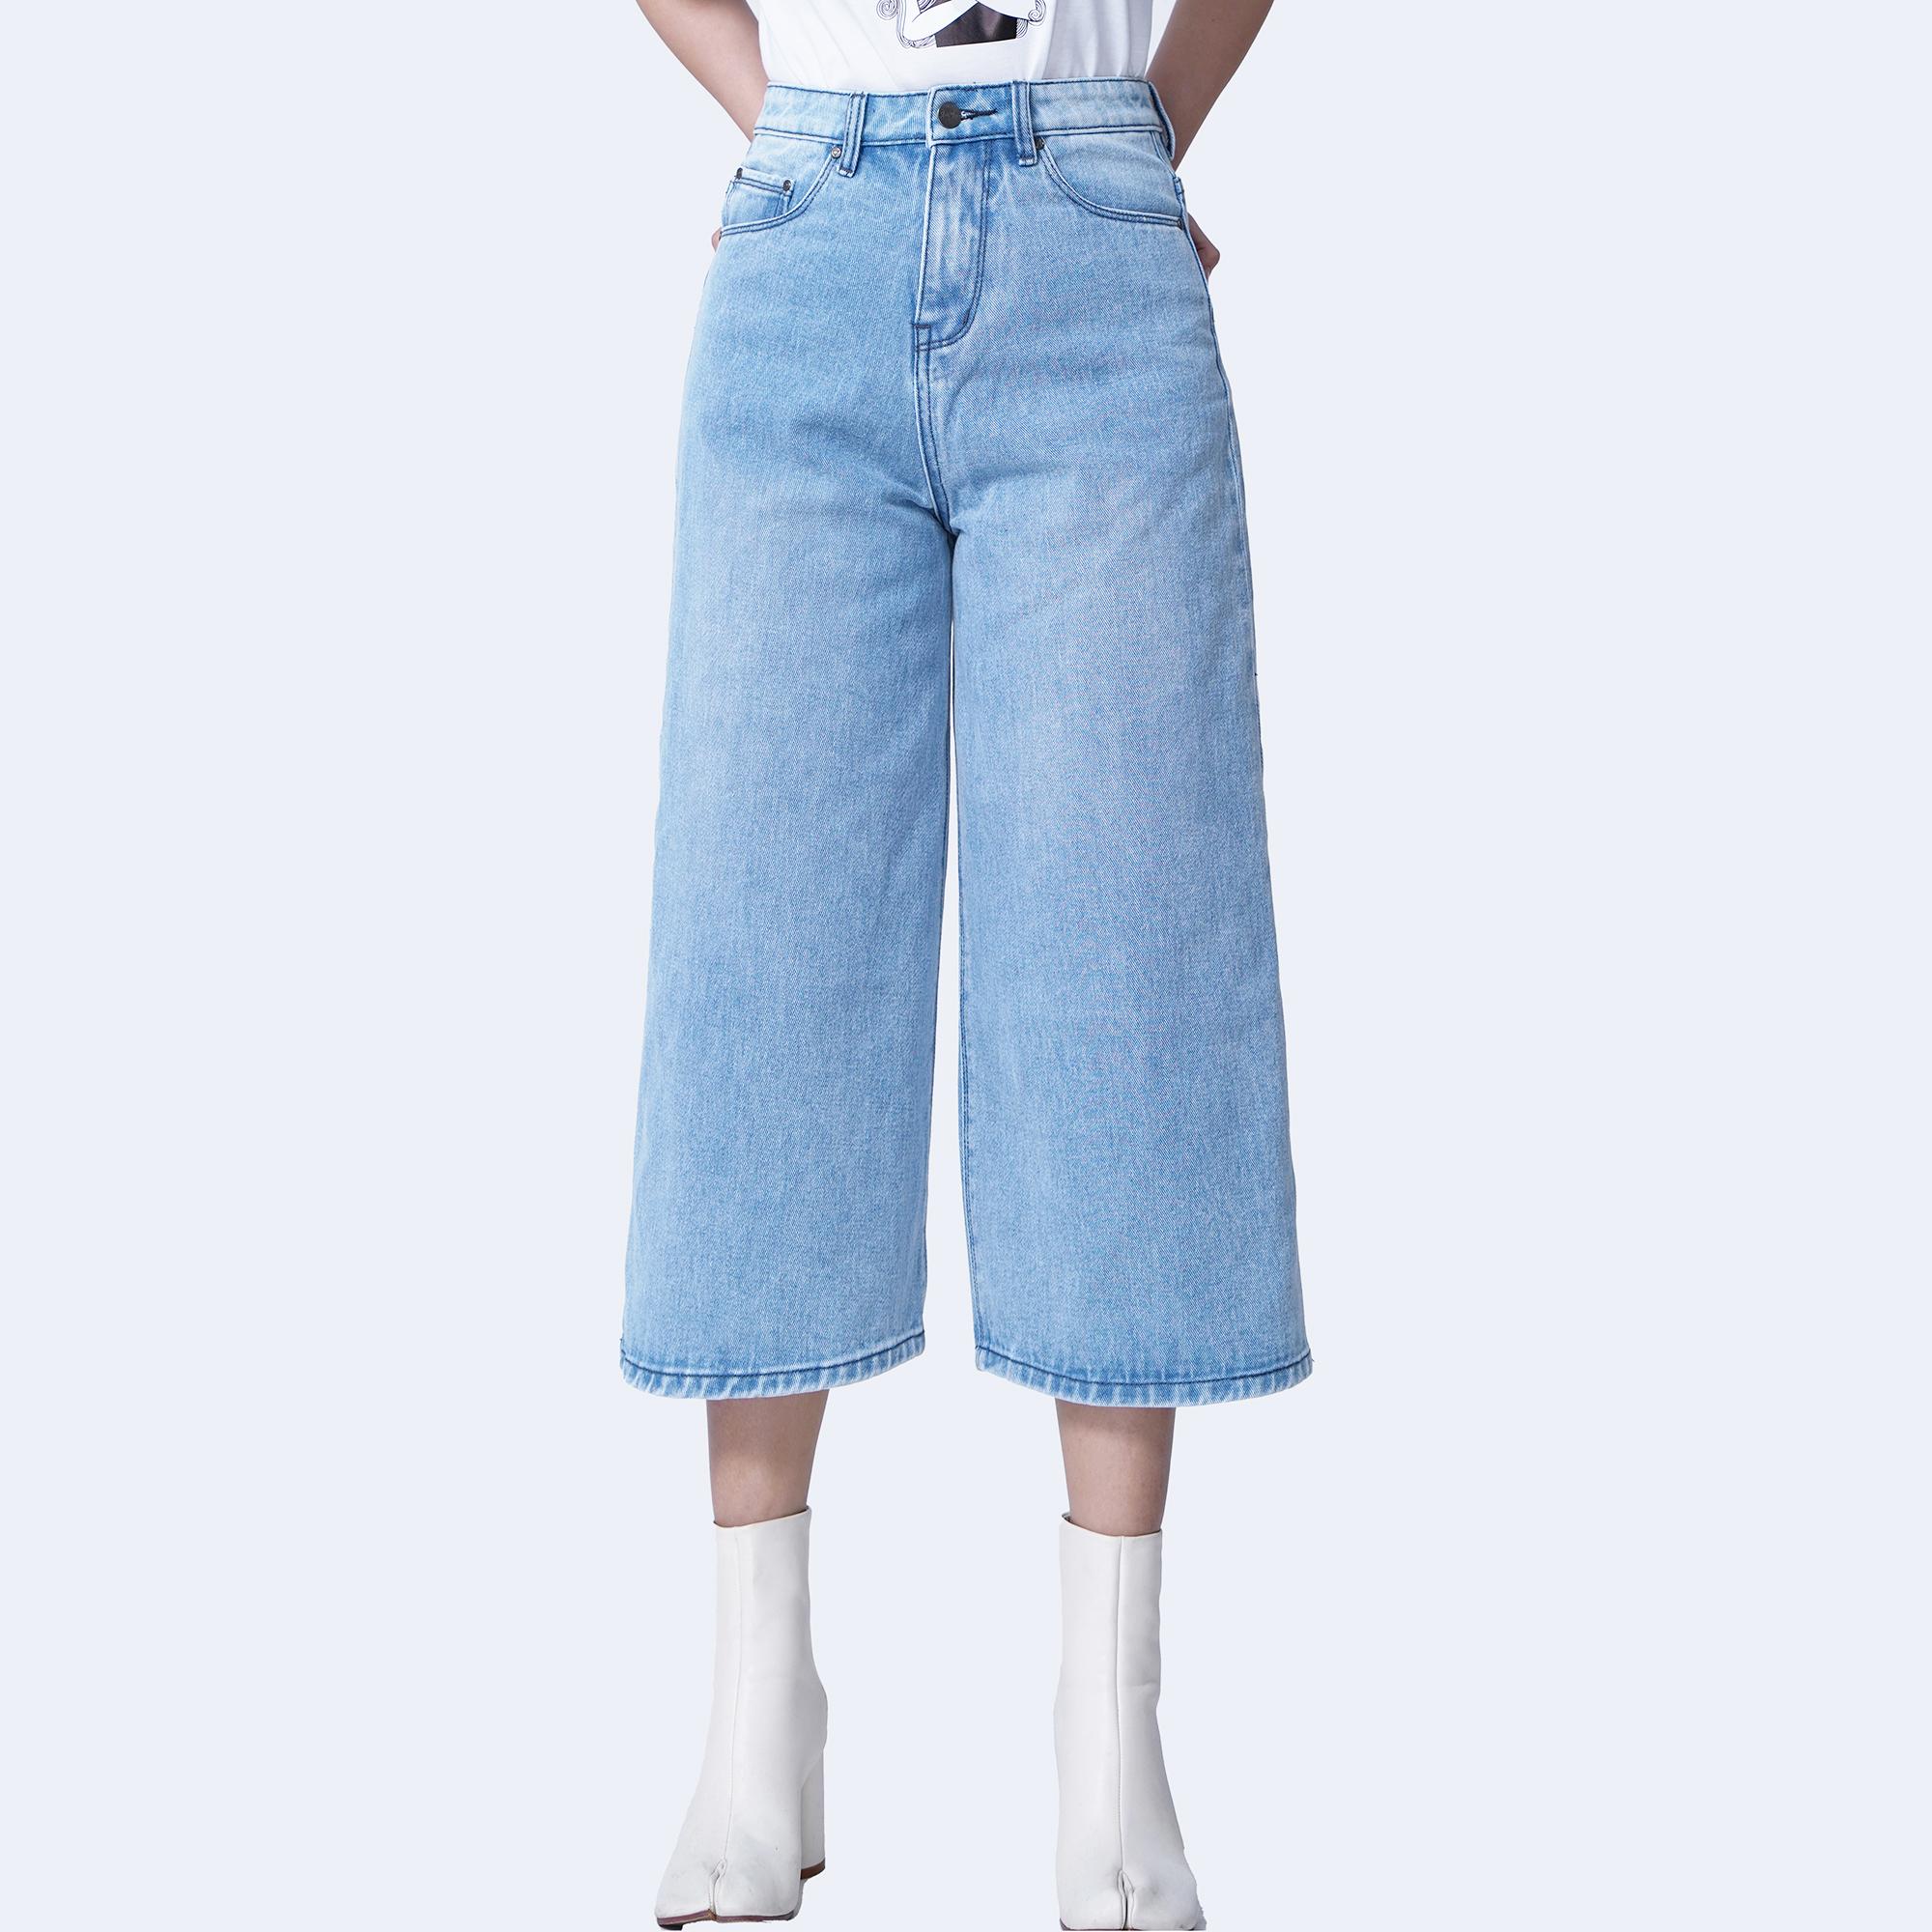 Quần jean ống rộng dáng lửng màu xanh biển – Aaa Jeans